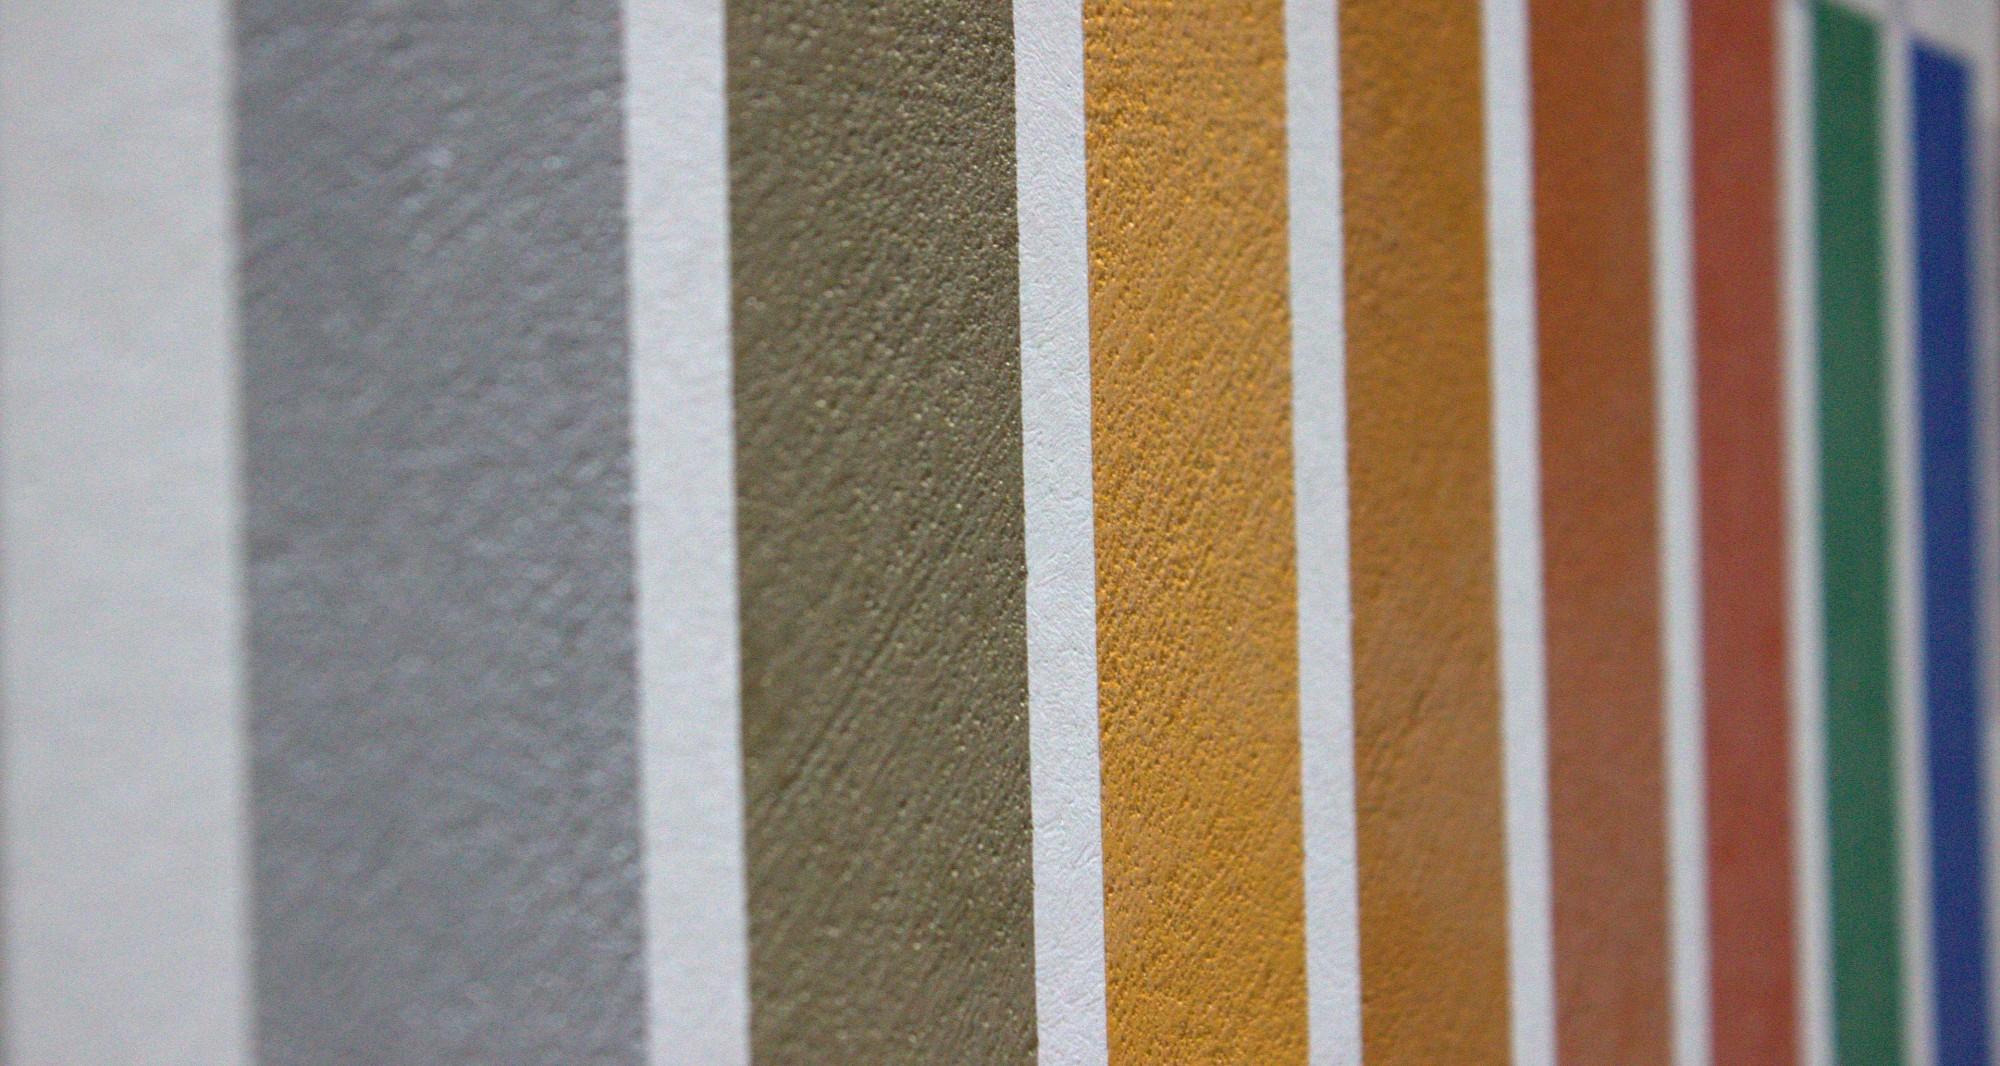 Farbmuster Farben Göser